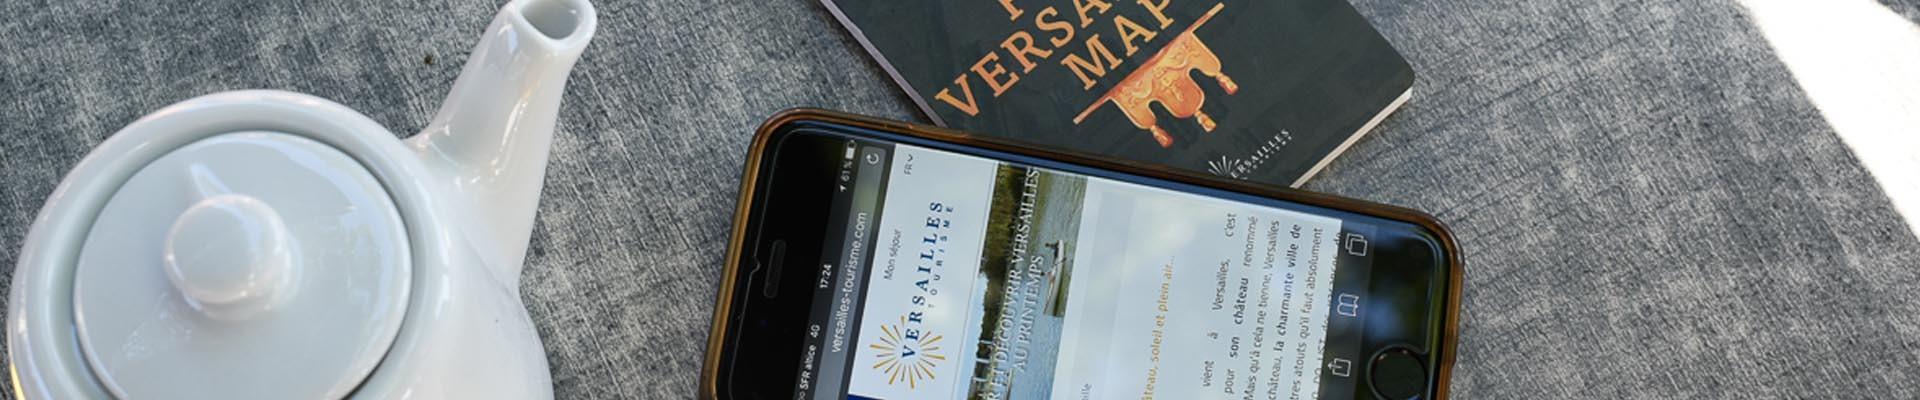 Mapa y sitio web de la Oficina de Turismo de Versalles